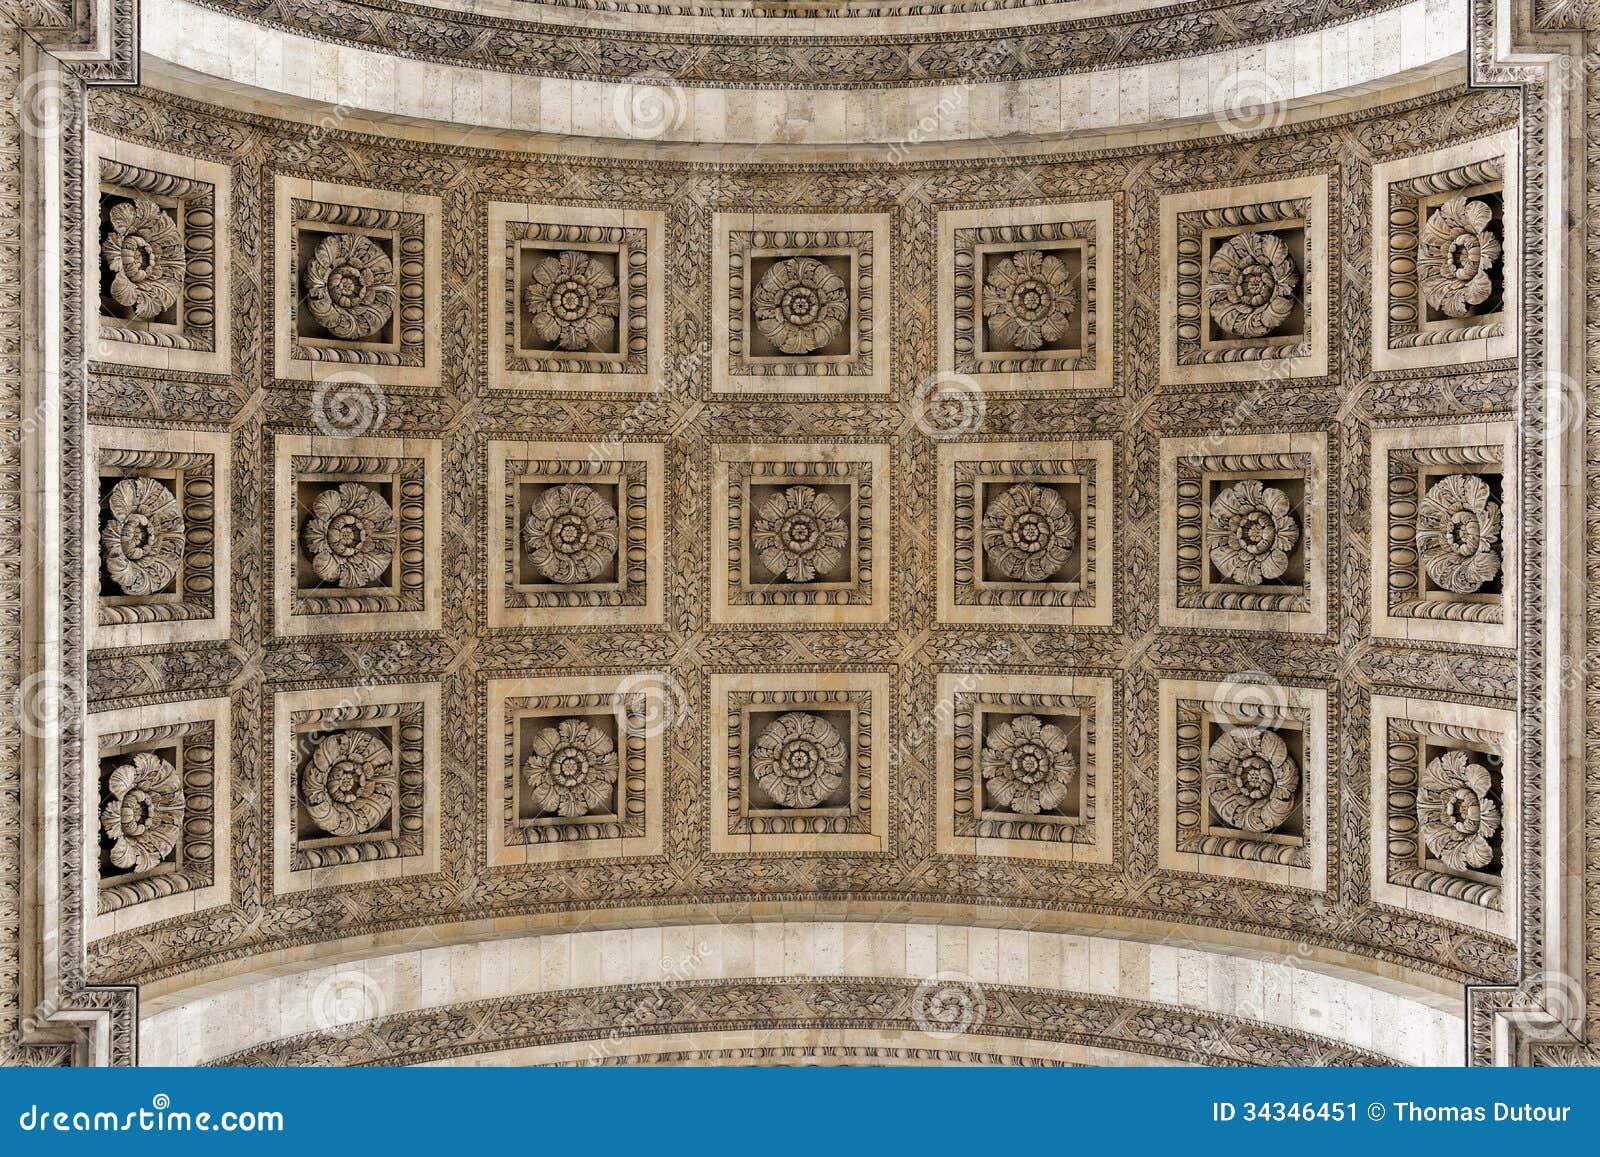 arc de triomphe arch detail stock image image 34346451